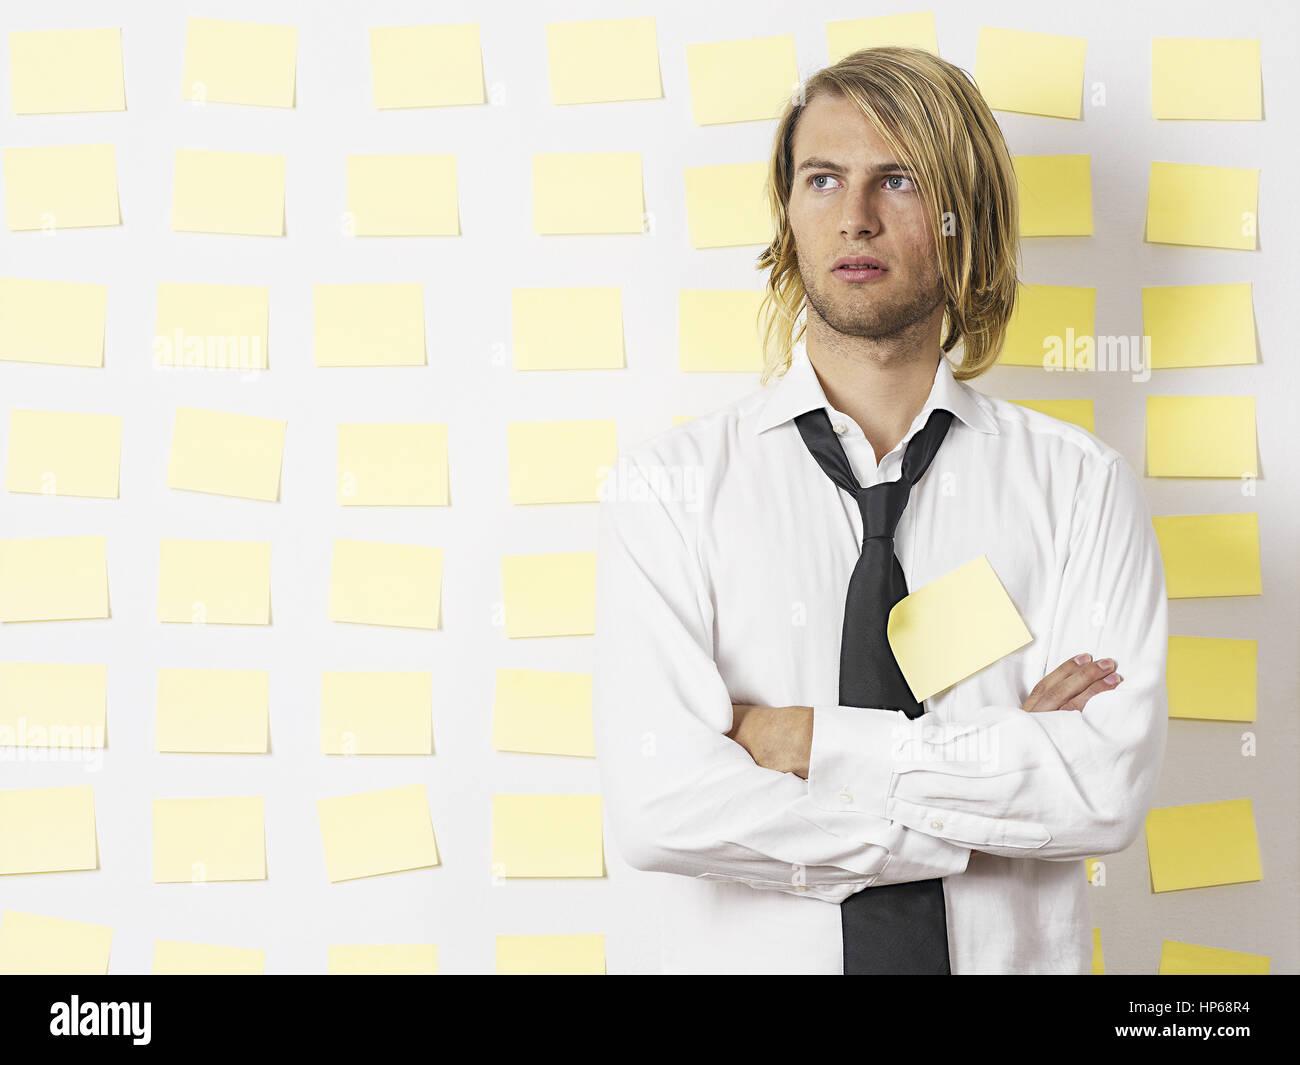 Junger Mann steht in Hemd und Krawatte vor Postit-Wand, verschraenkte Arme (model-released) Stock Photo